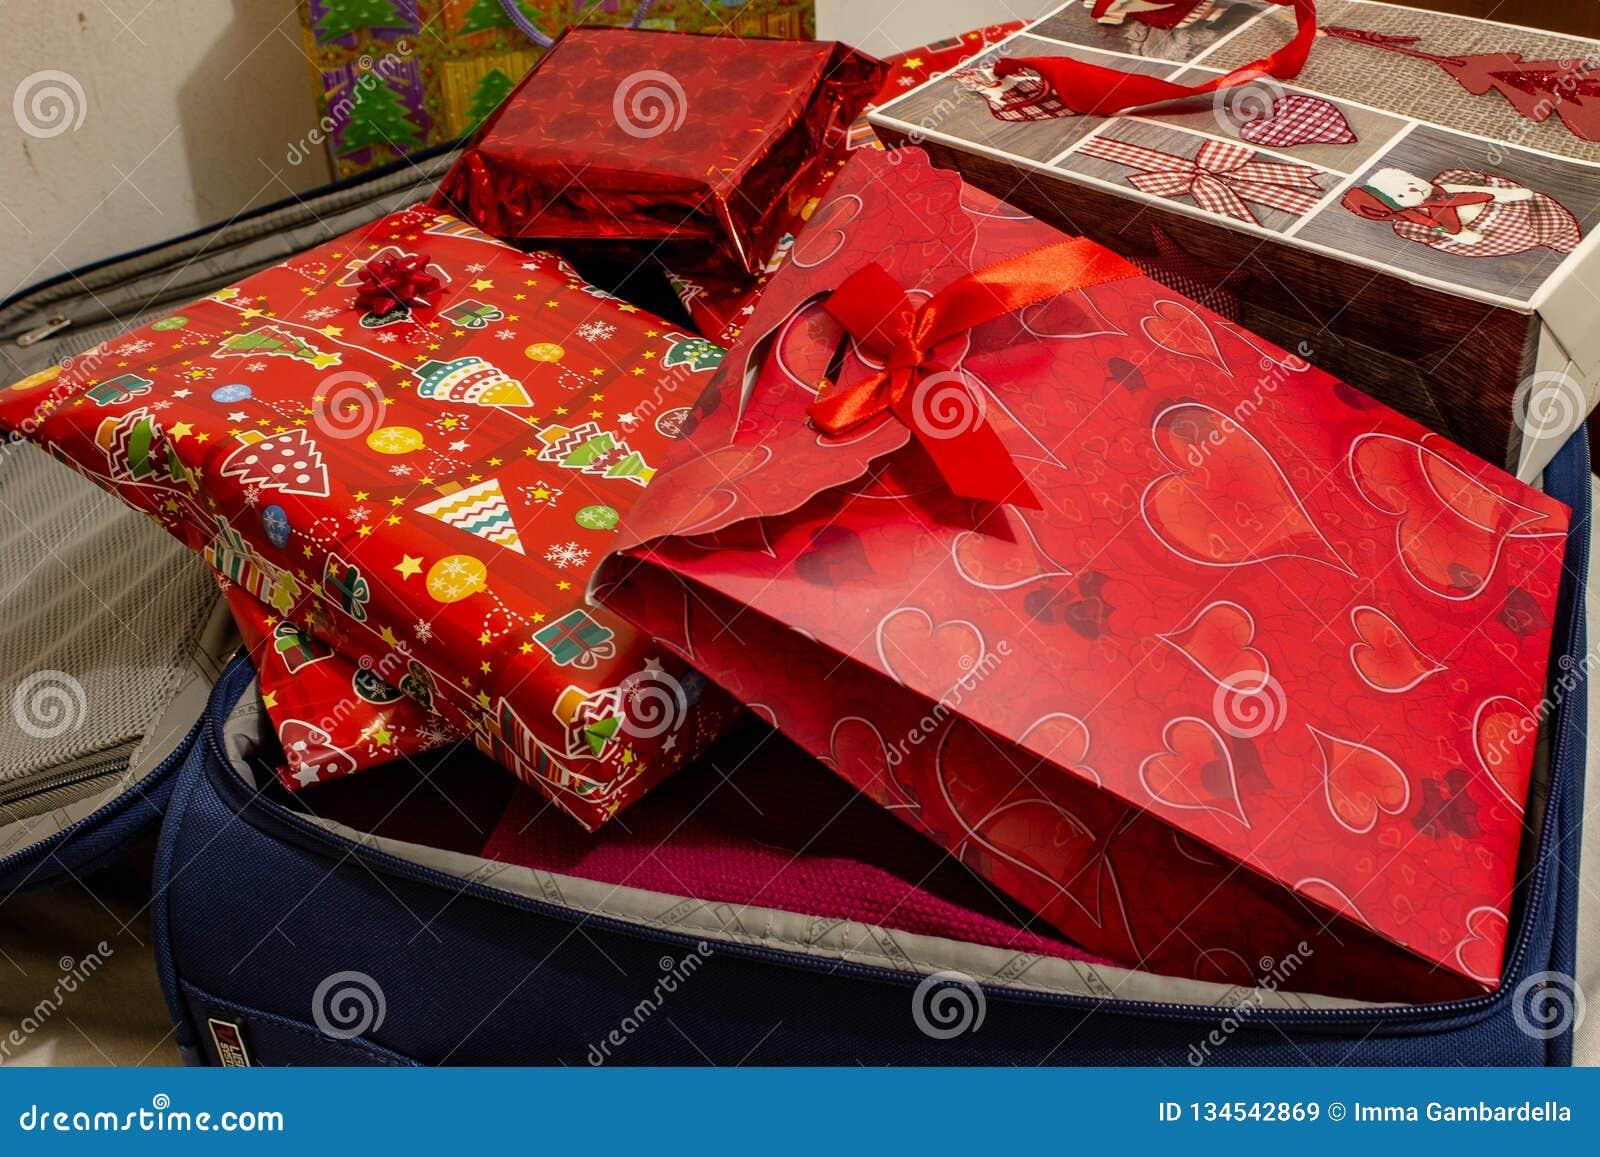 La valise de vacances de Noël, pleine des cadeaux